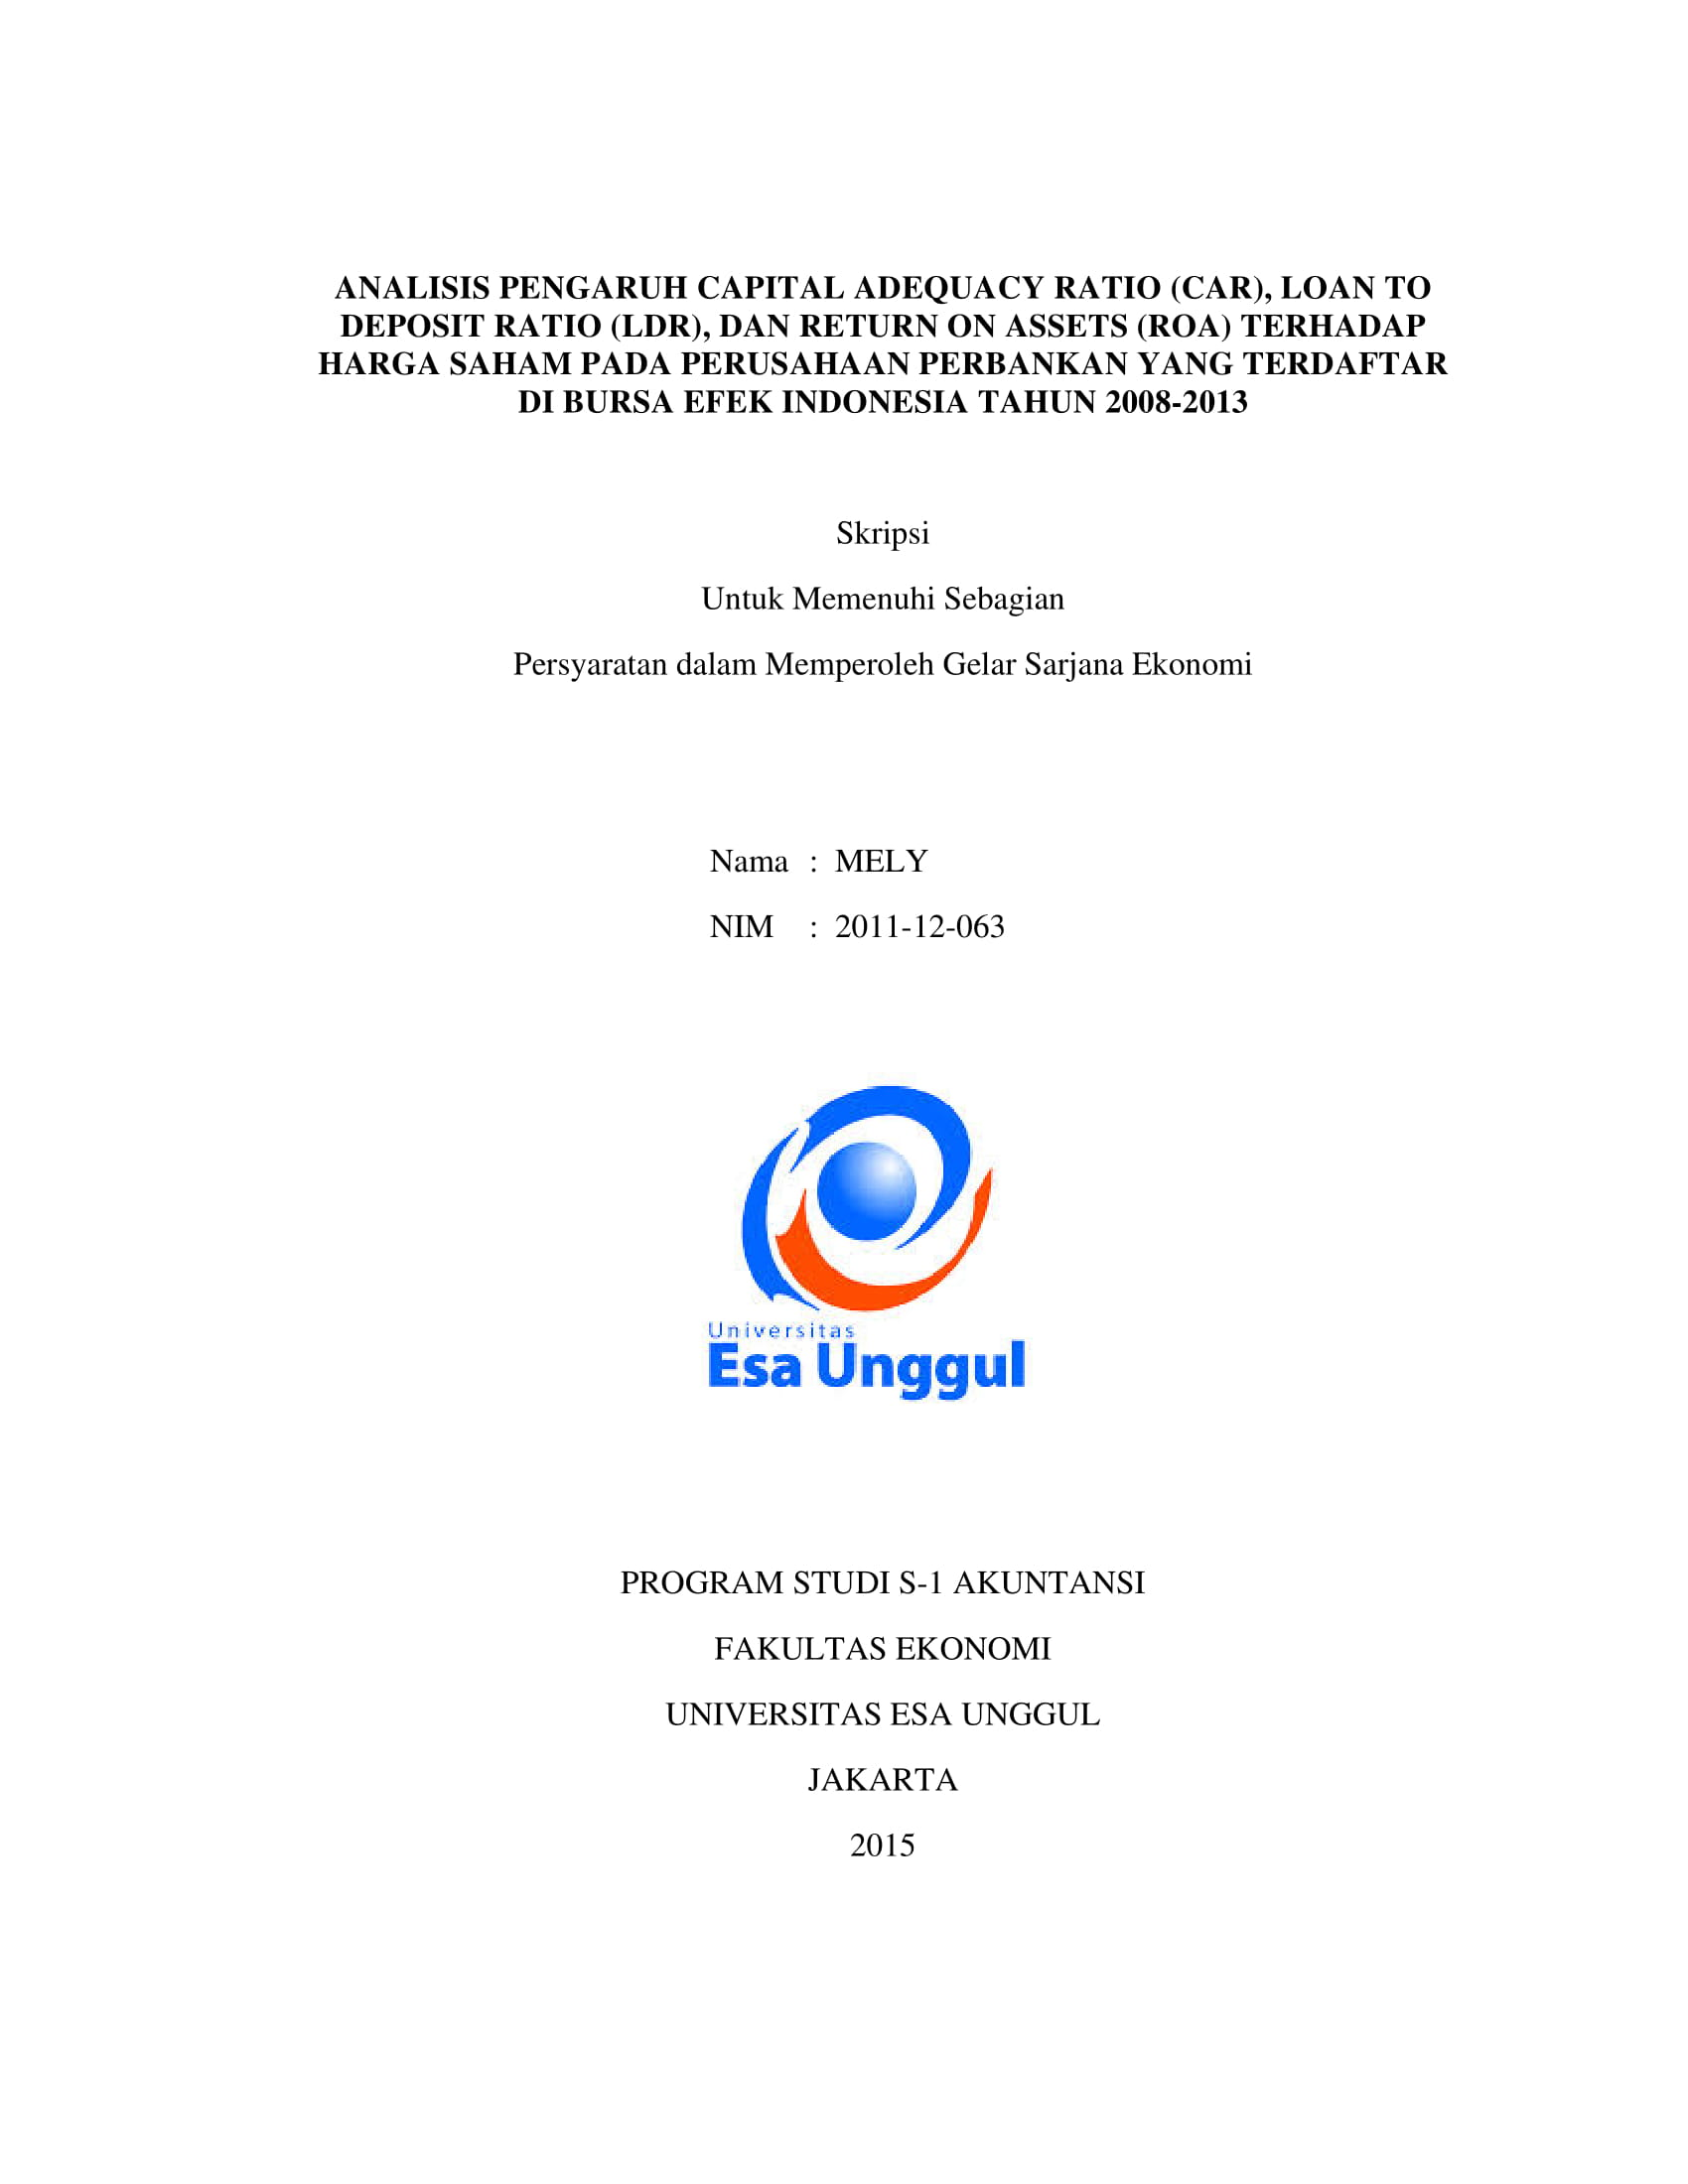 Analisis Pengaruh Capital Adequacy Ratio (CAR), Loan to Deposit Ratio (LDR), Dan Return on Assets (ROA) Terhadap Harga Saham pada Perusahaan Perbankan yang Terdaftar di Bursa Efek Indonesia Tahun 2008-2013